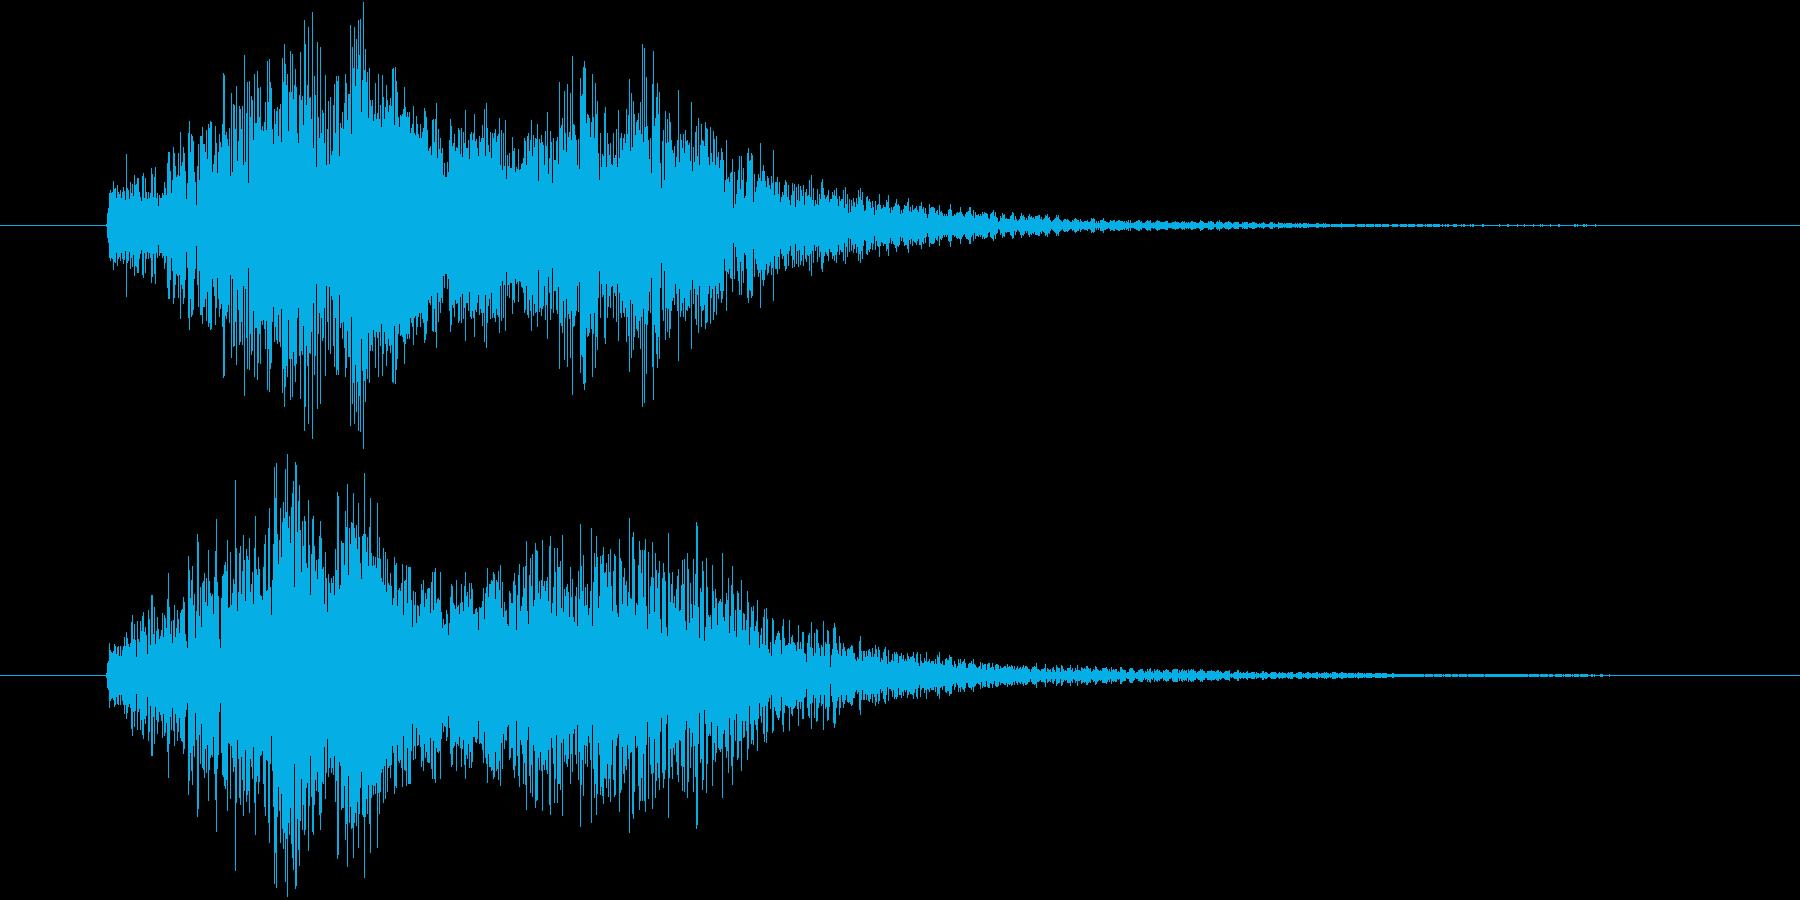 ハープのグリッサンドの和風verの再生済みの波形